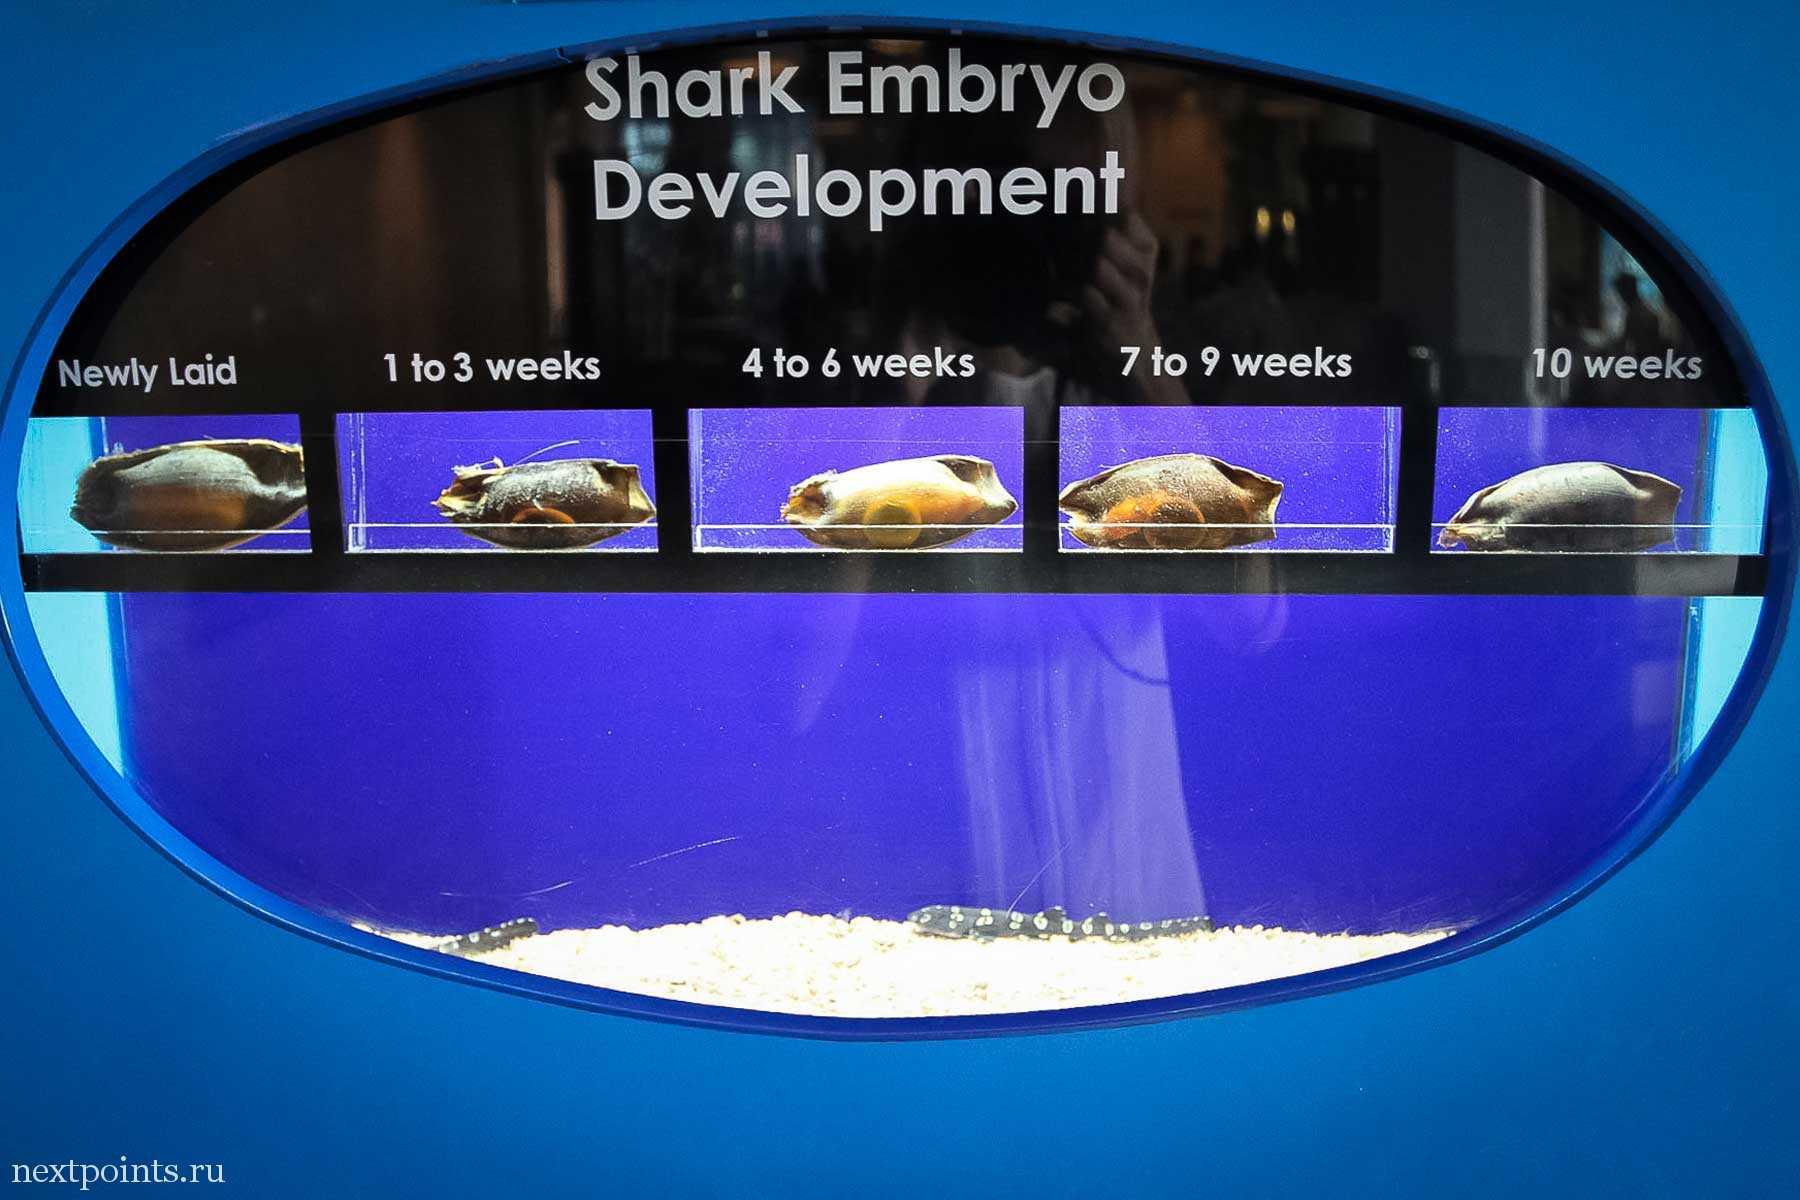 Процесс роста маленькой акулы. Вблизи казалось, что эмбрионы двигались. Может, они живые?